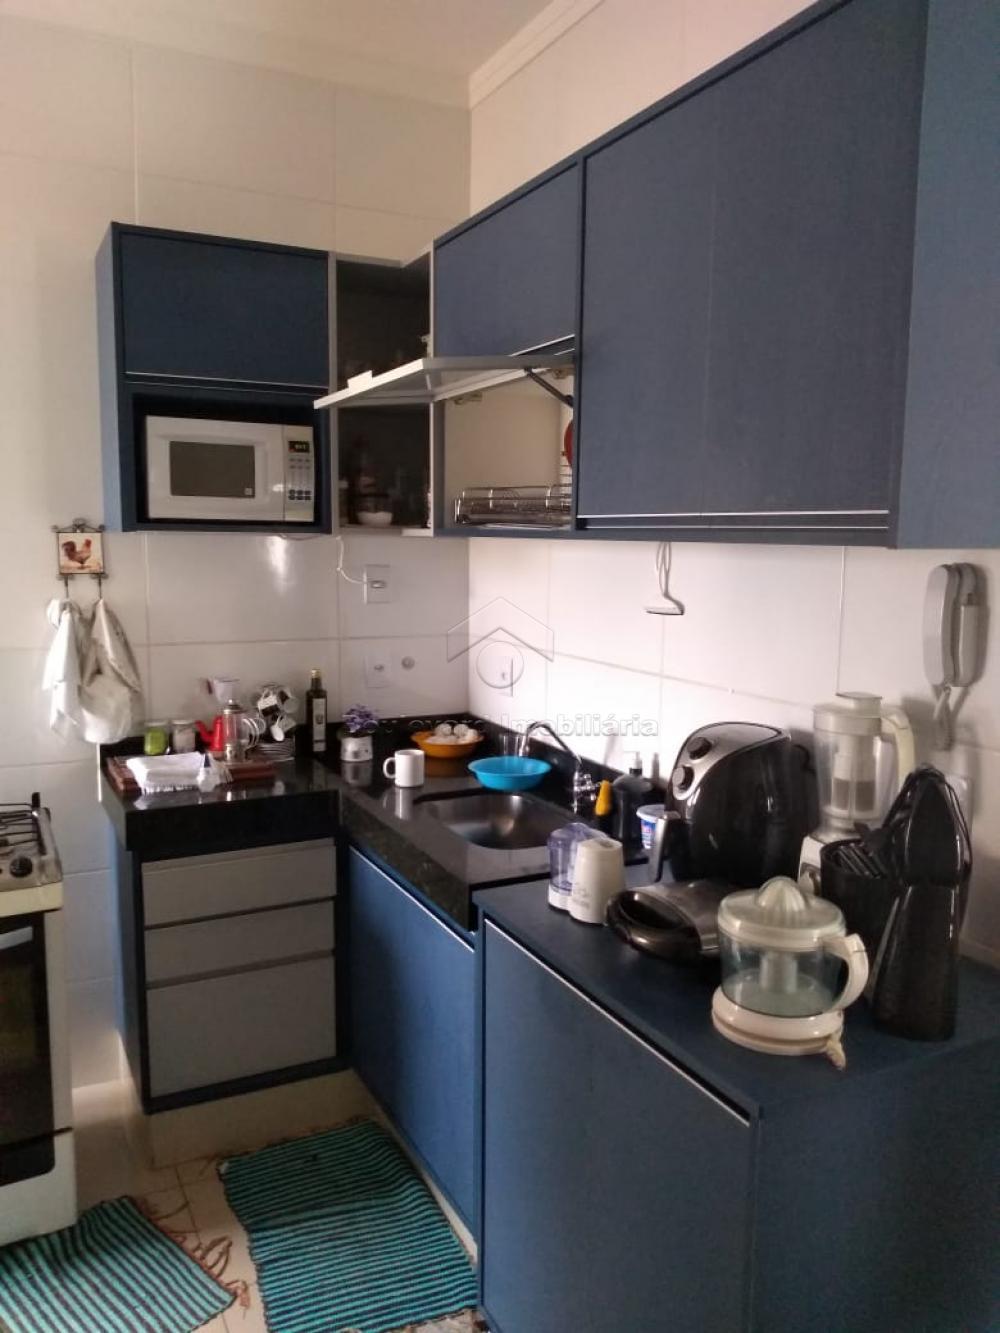 Comprar Apartamento / Padrão em Ribeirão Preto R$ 257.000,00 - Foto 12